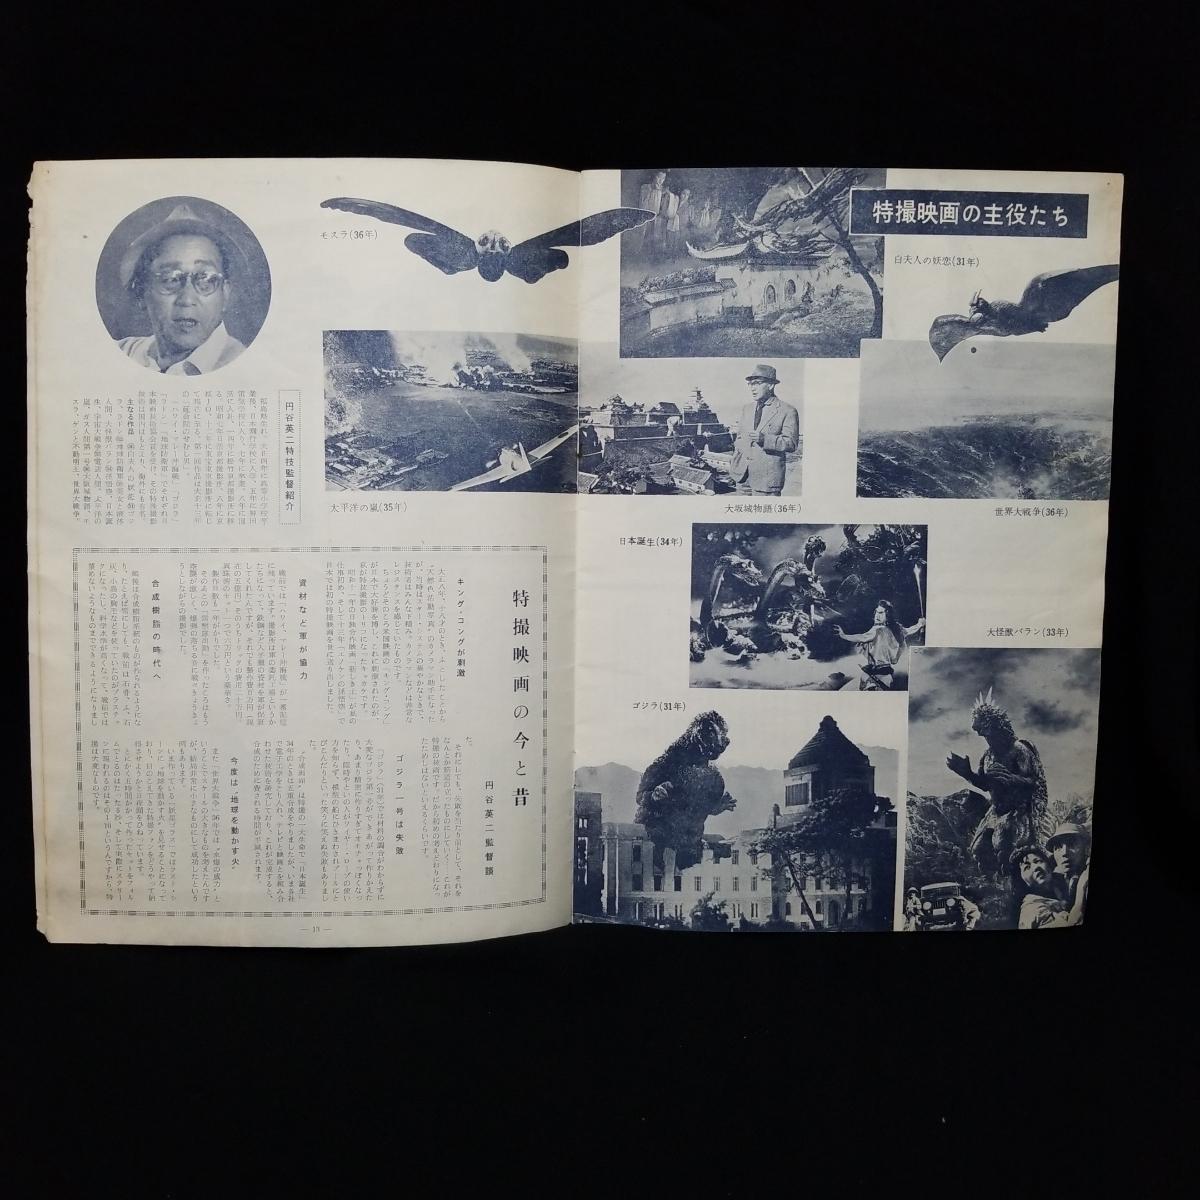 妖星ゴラス パンフレット 昭和37年 当時物 東宝 円谷英二 特撮映画_画像7